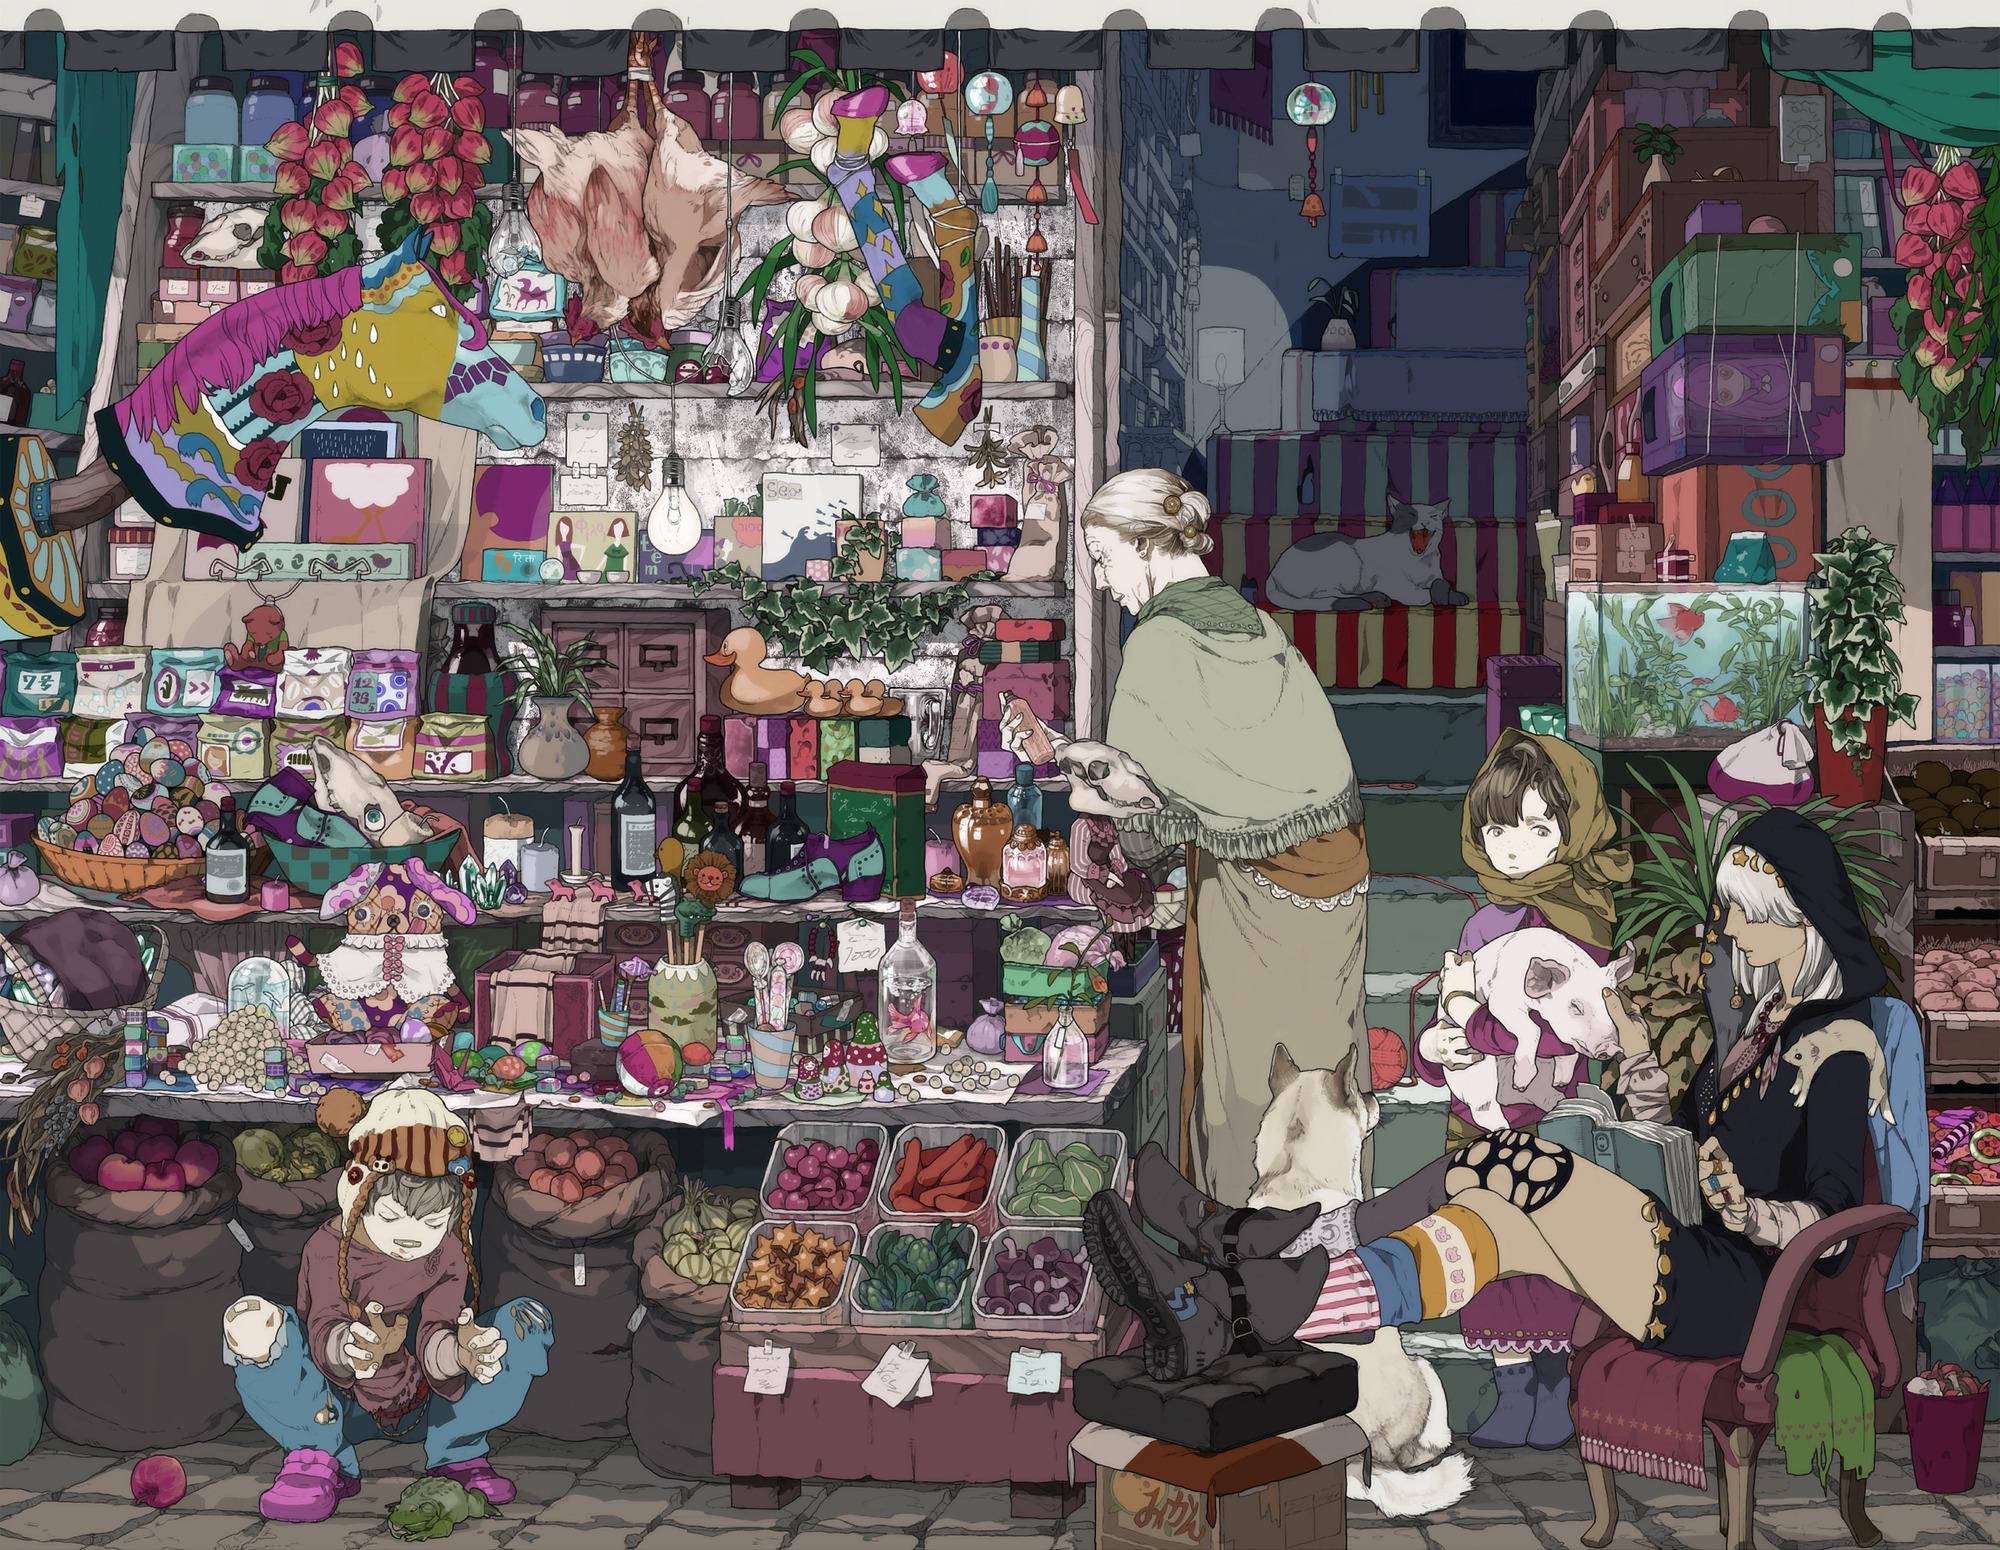 лучшие аниме картинки на телефон